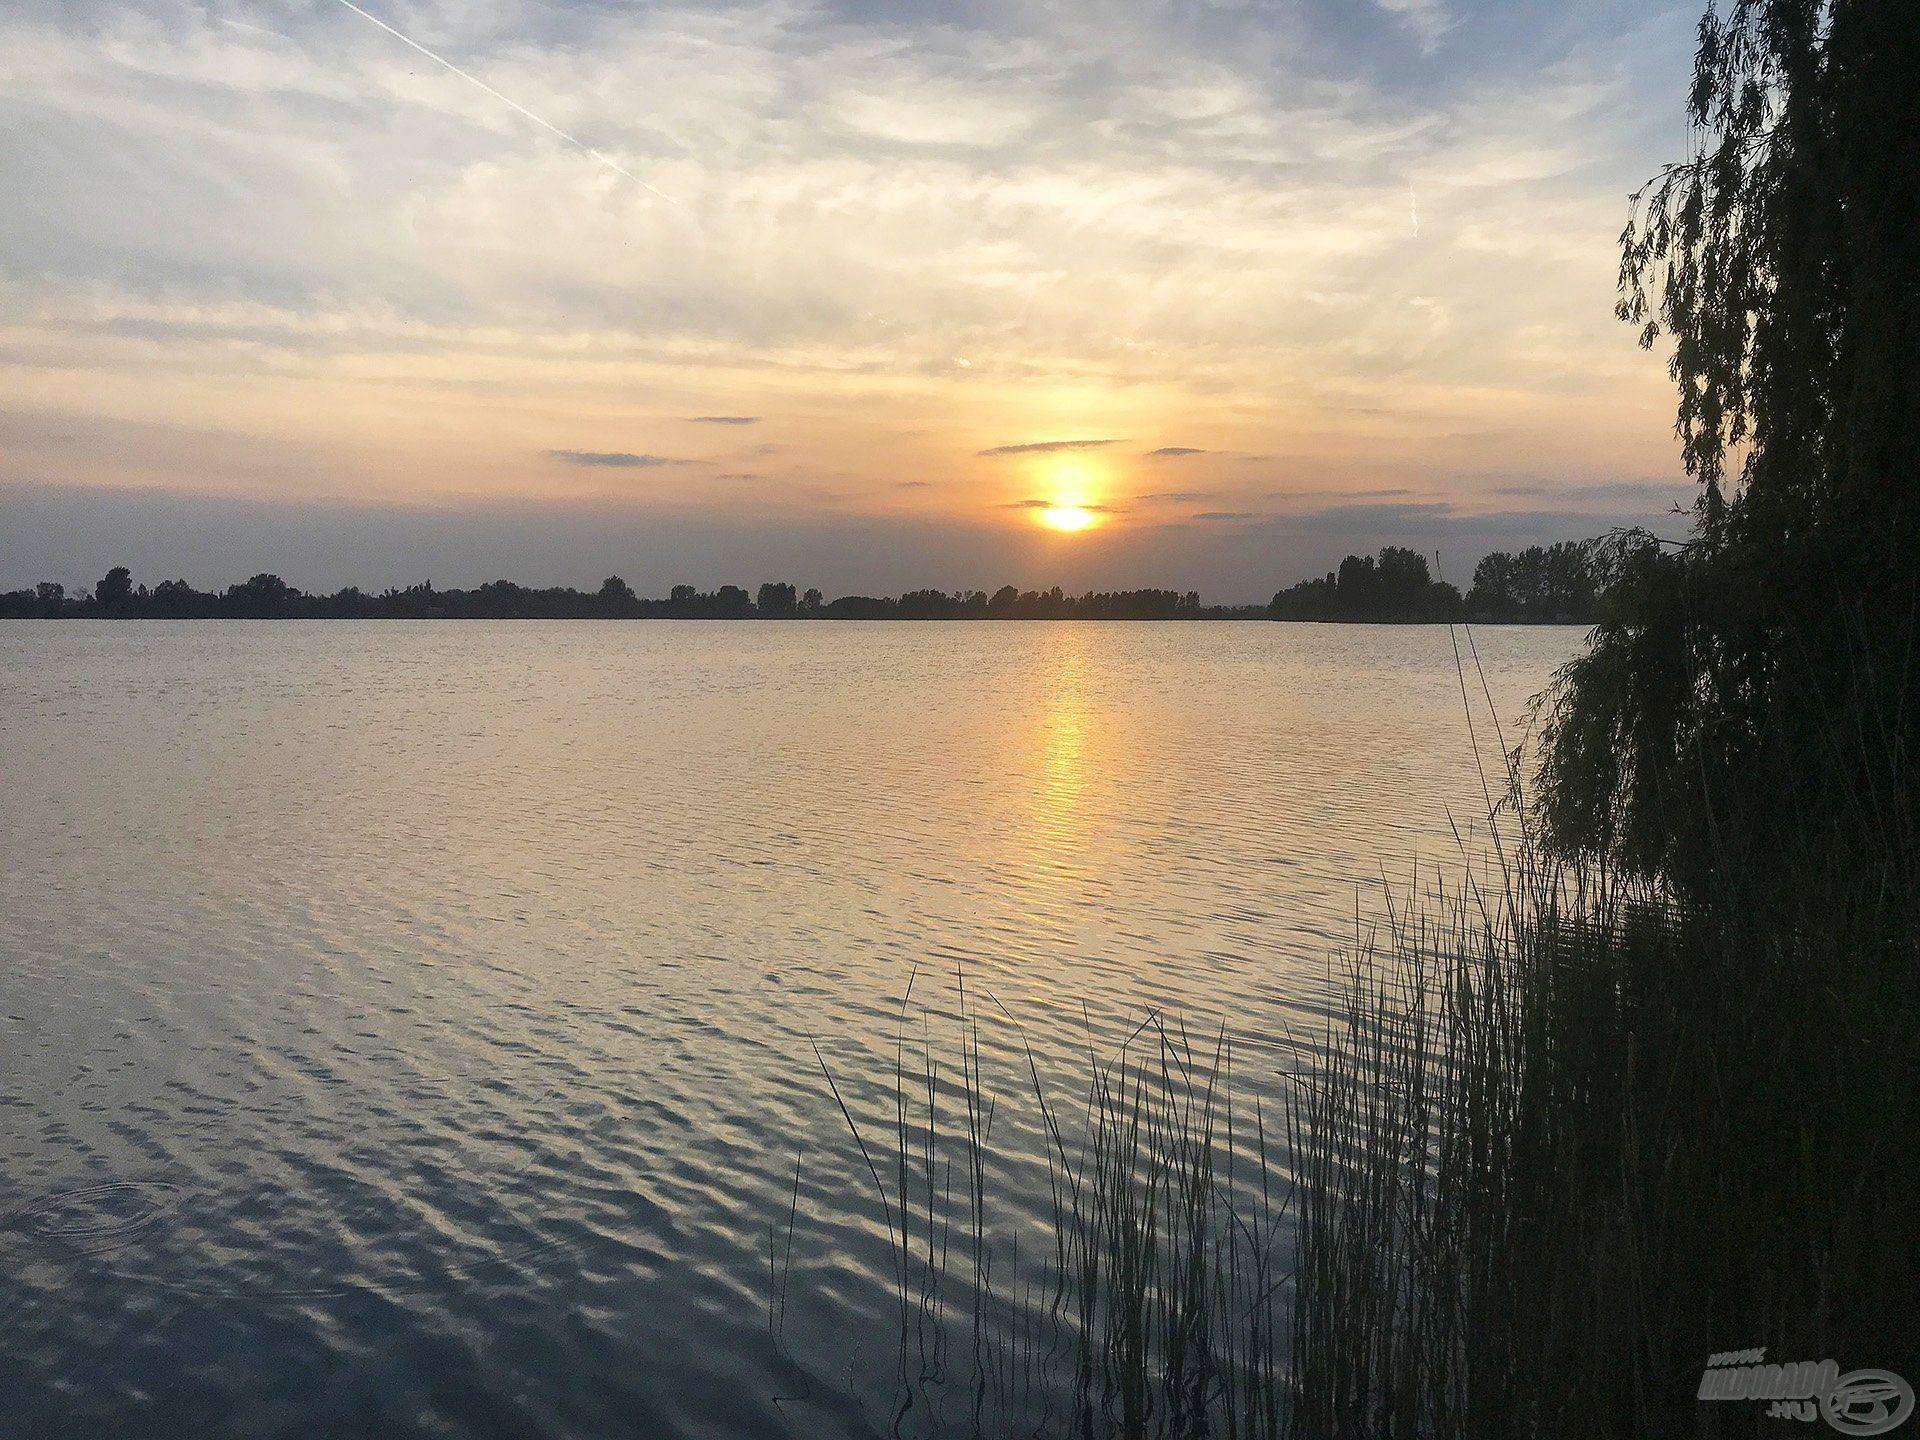 A nyári naplementének különleges hangulata, varázsa van…